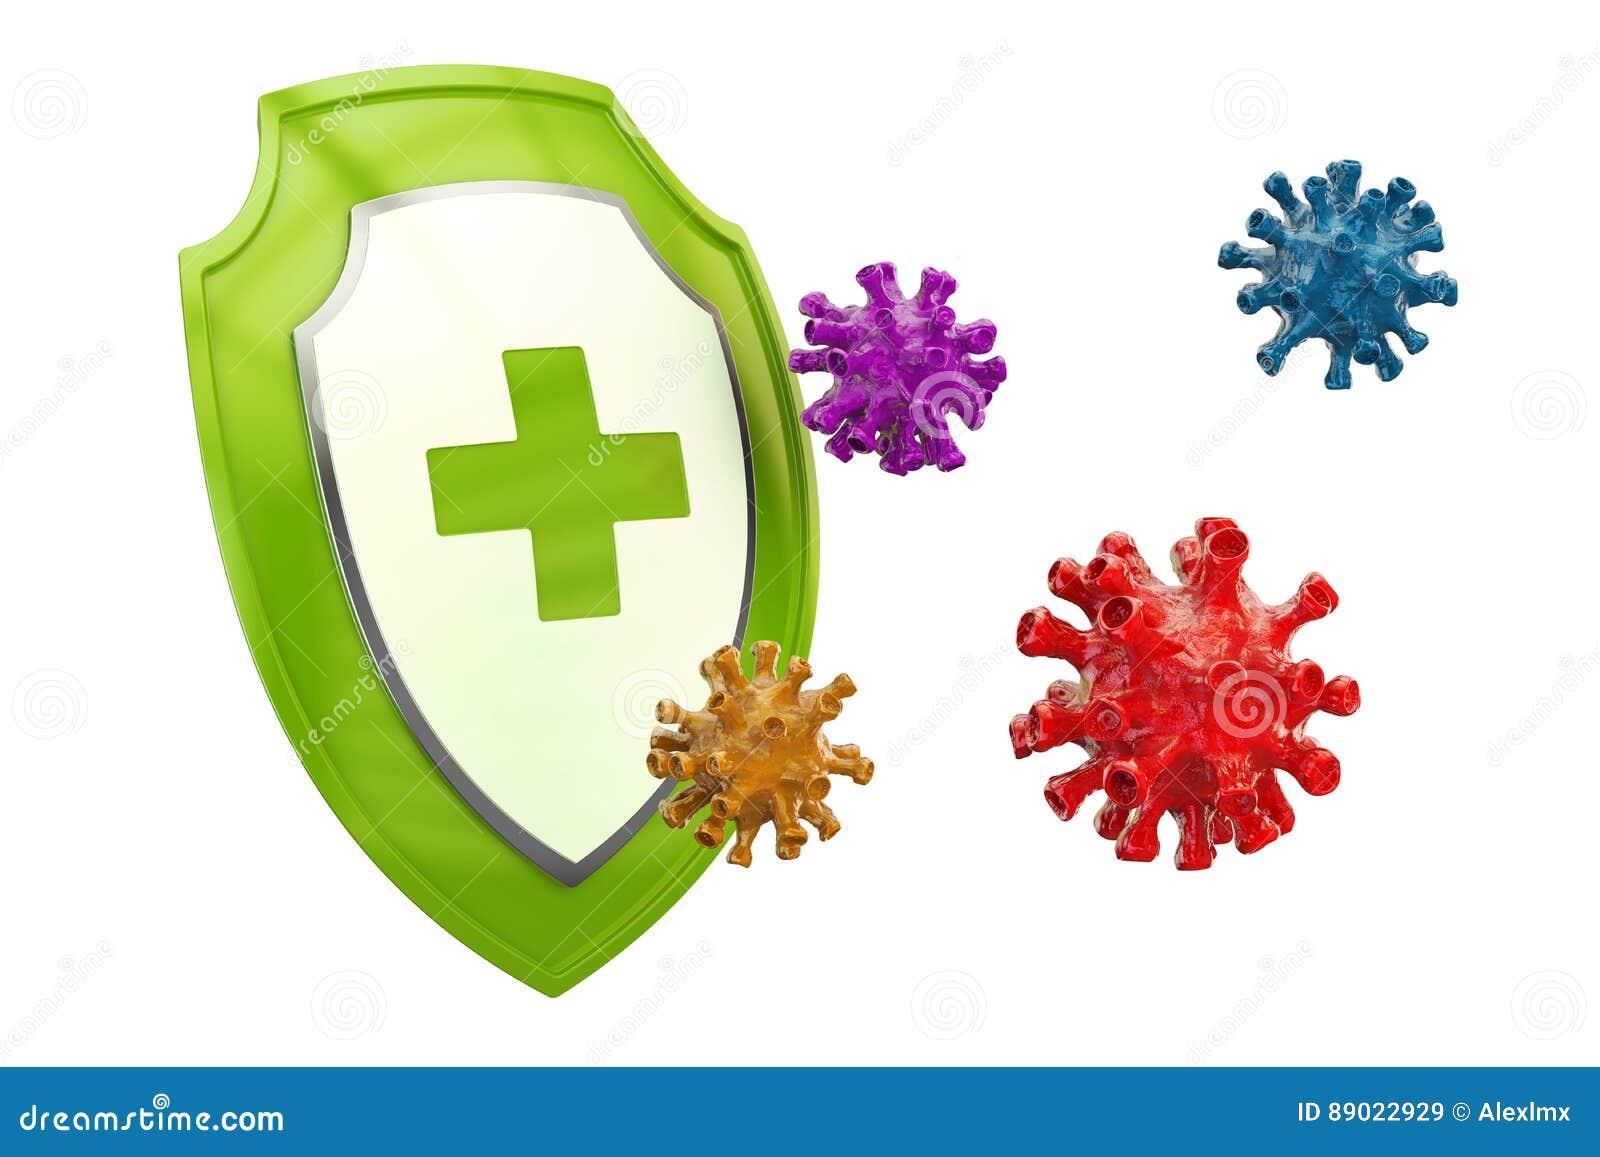 Bacteriano Ilustraciones Stock, Vectores, Y Clipart